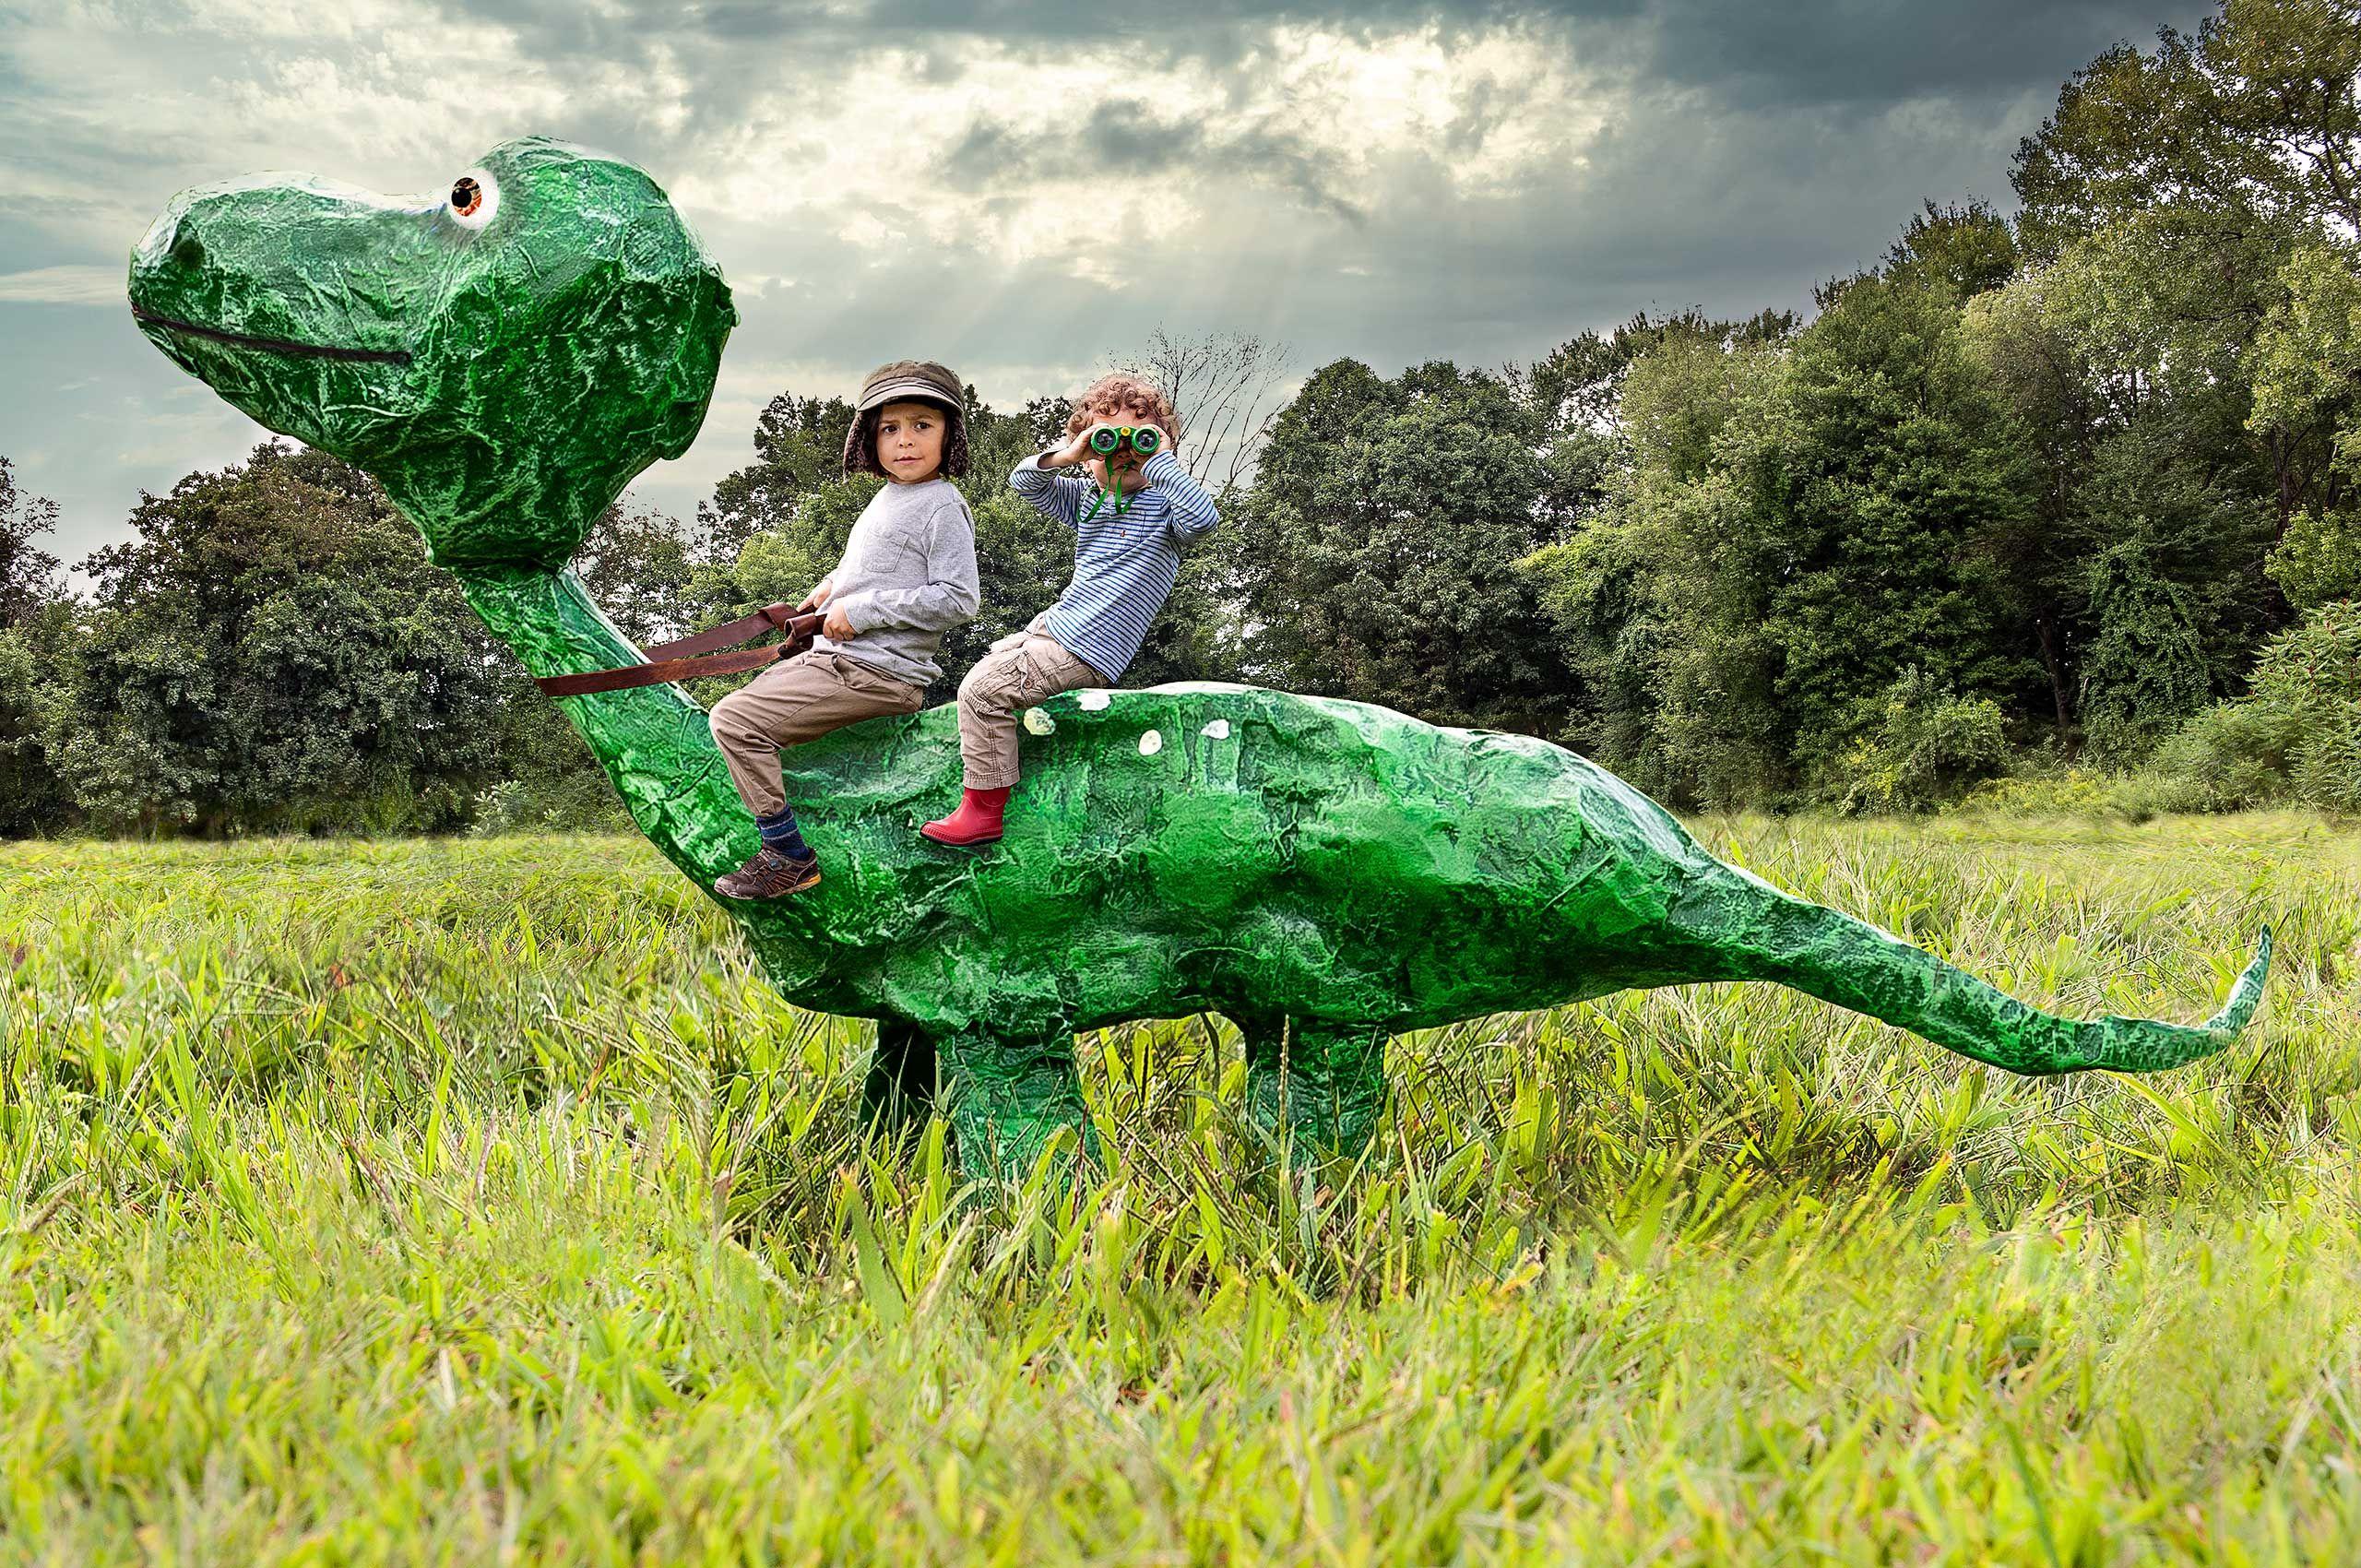 LikeAnyOtherDay_II_DinosaurRide-web.jpg